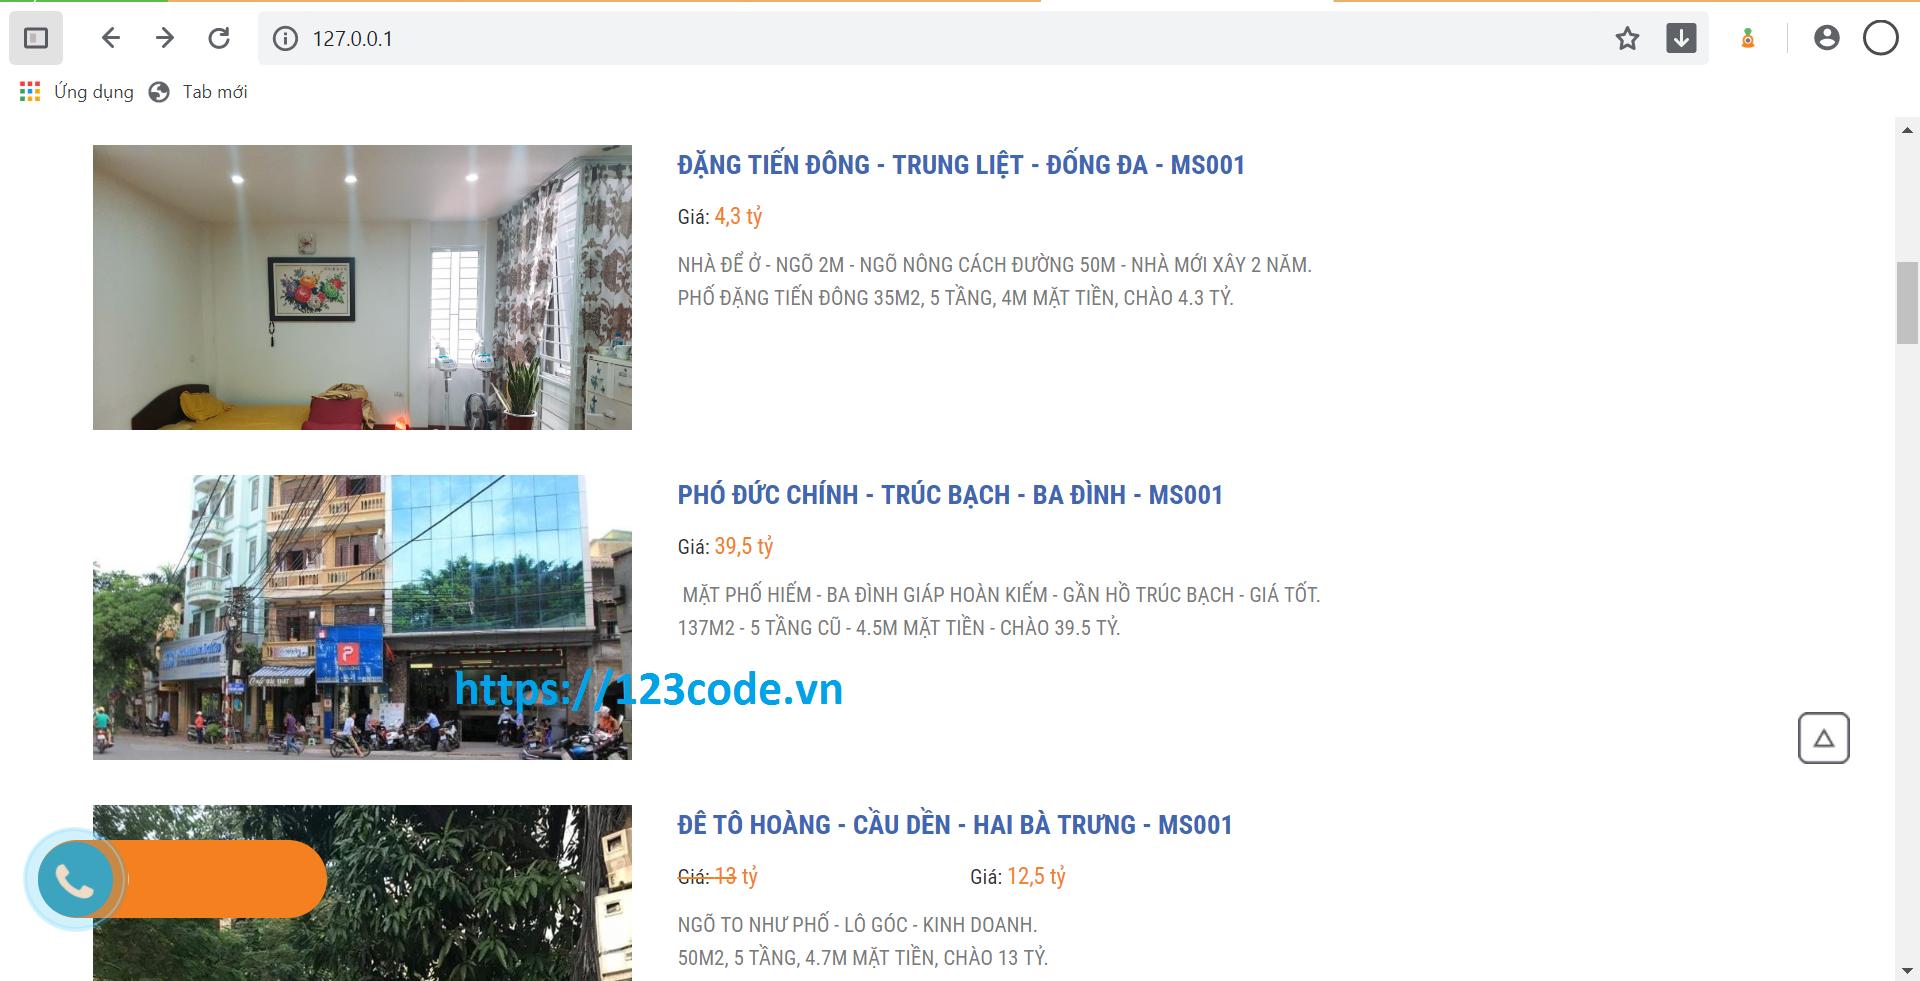 Share source code website bất động sản bằng php thuần chuẩn seo